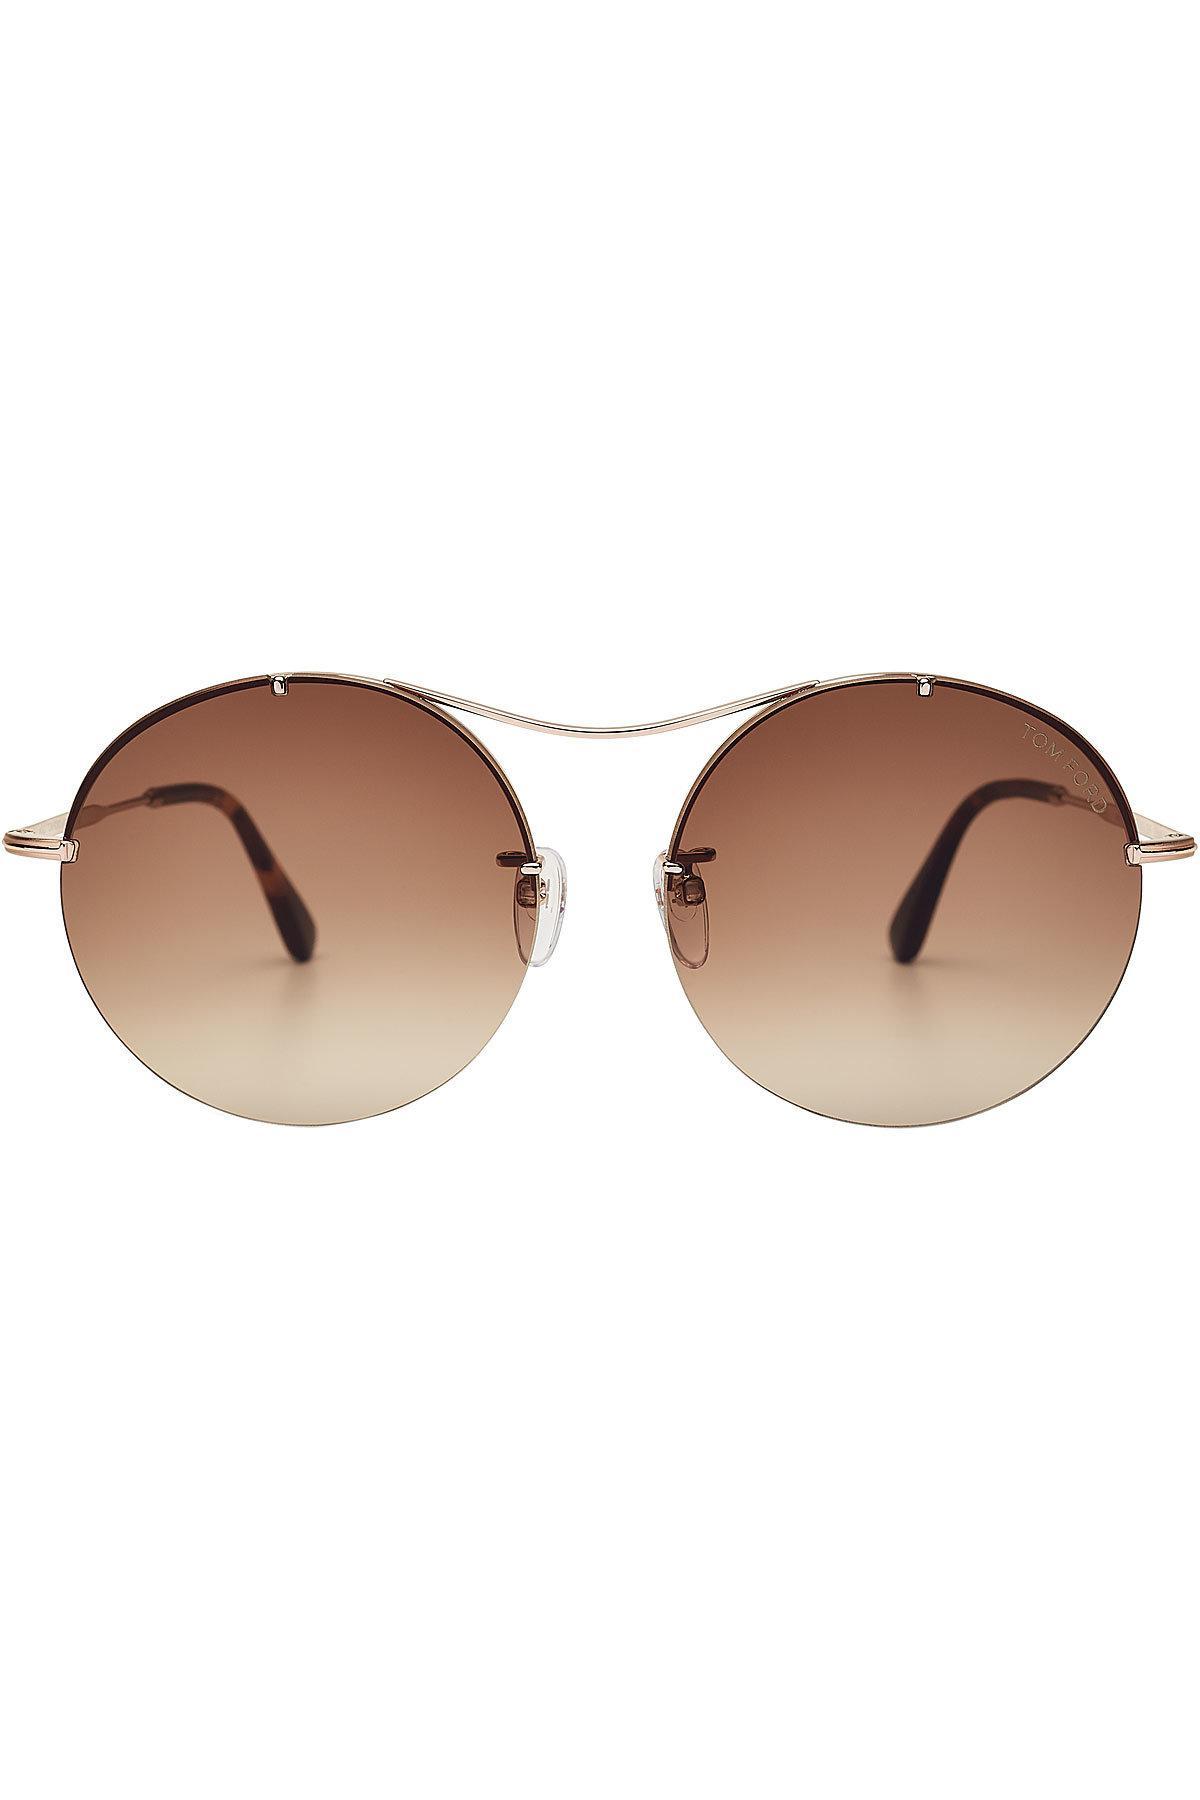 Tom Ford Round Sunglasses In Multicolored